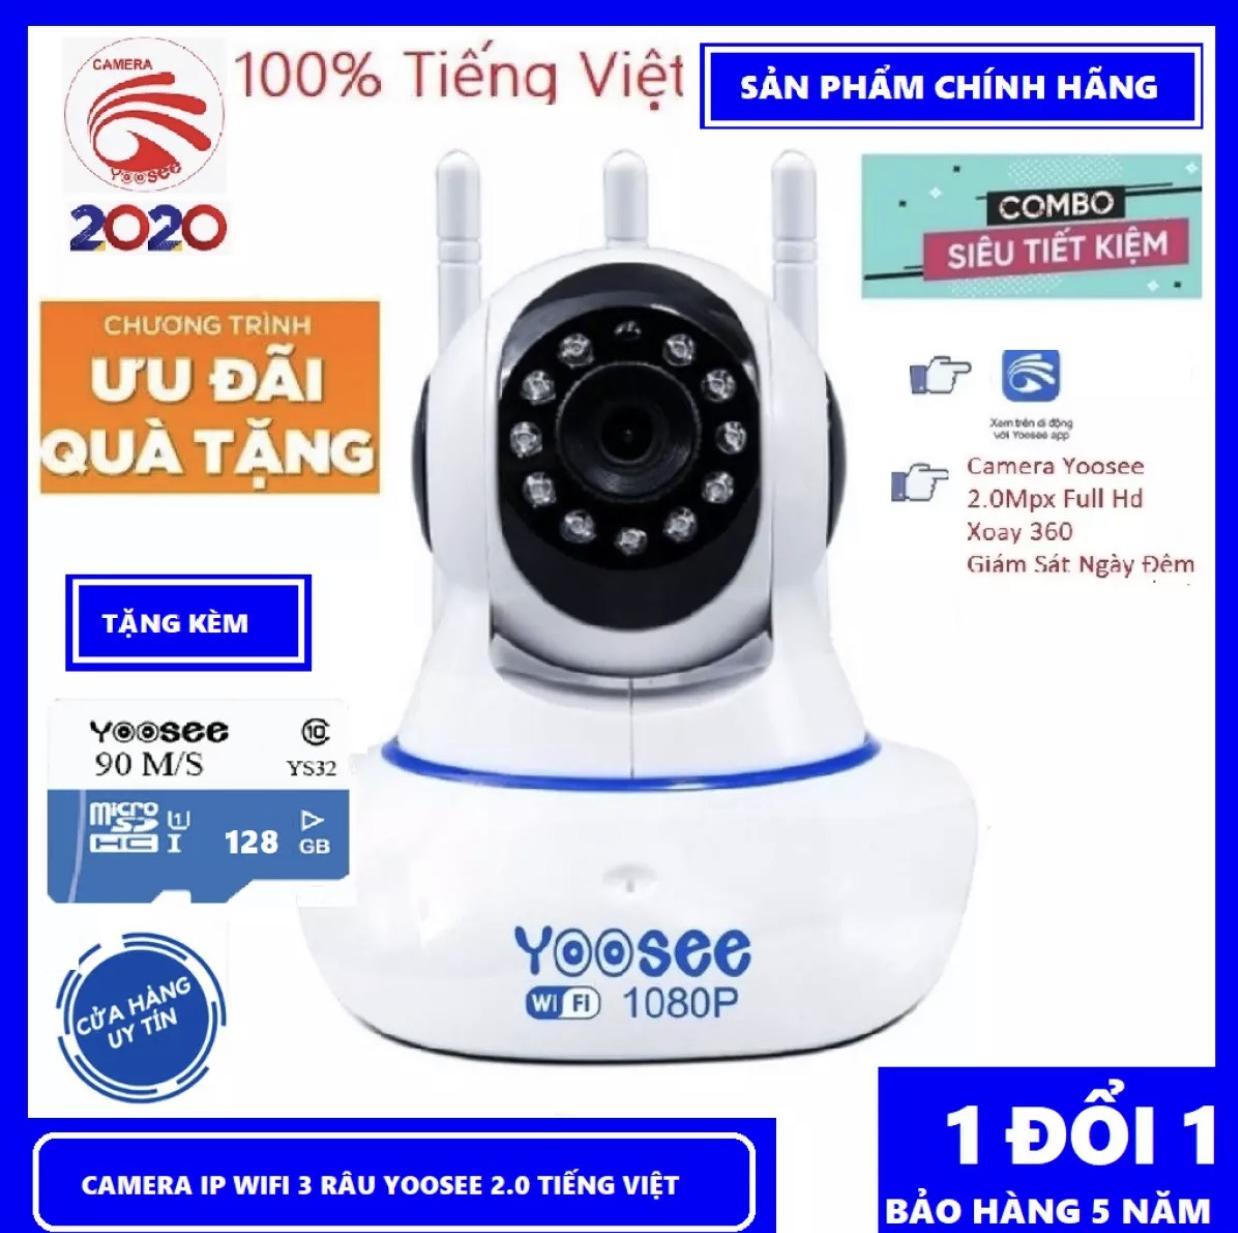 (COMBO CAMERA THẺ 128GB BH 5 NĂM) – CAMERA WIFI – YOOSEE IP WIFI IP SIÊU NÉT 2.0 FULL HD 1920 x 1080P – Viễn Thông Đại Phát